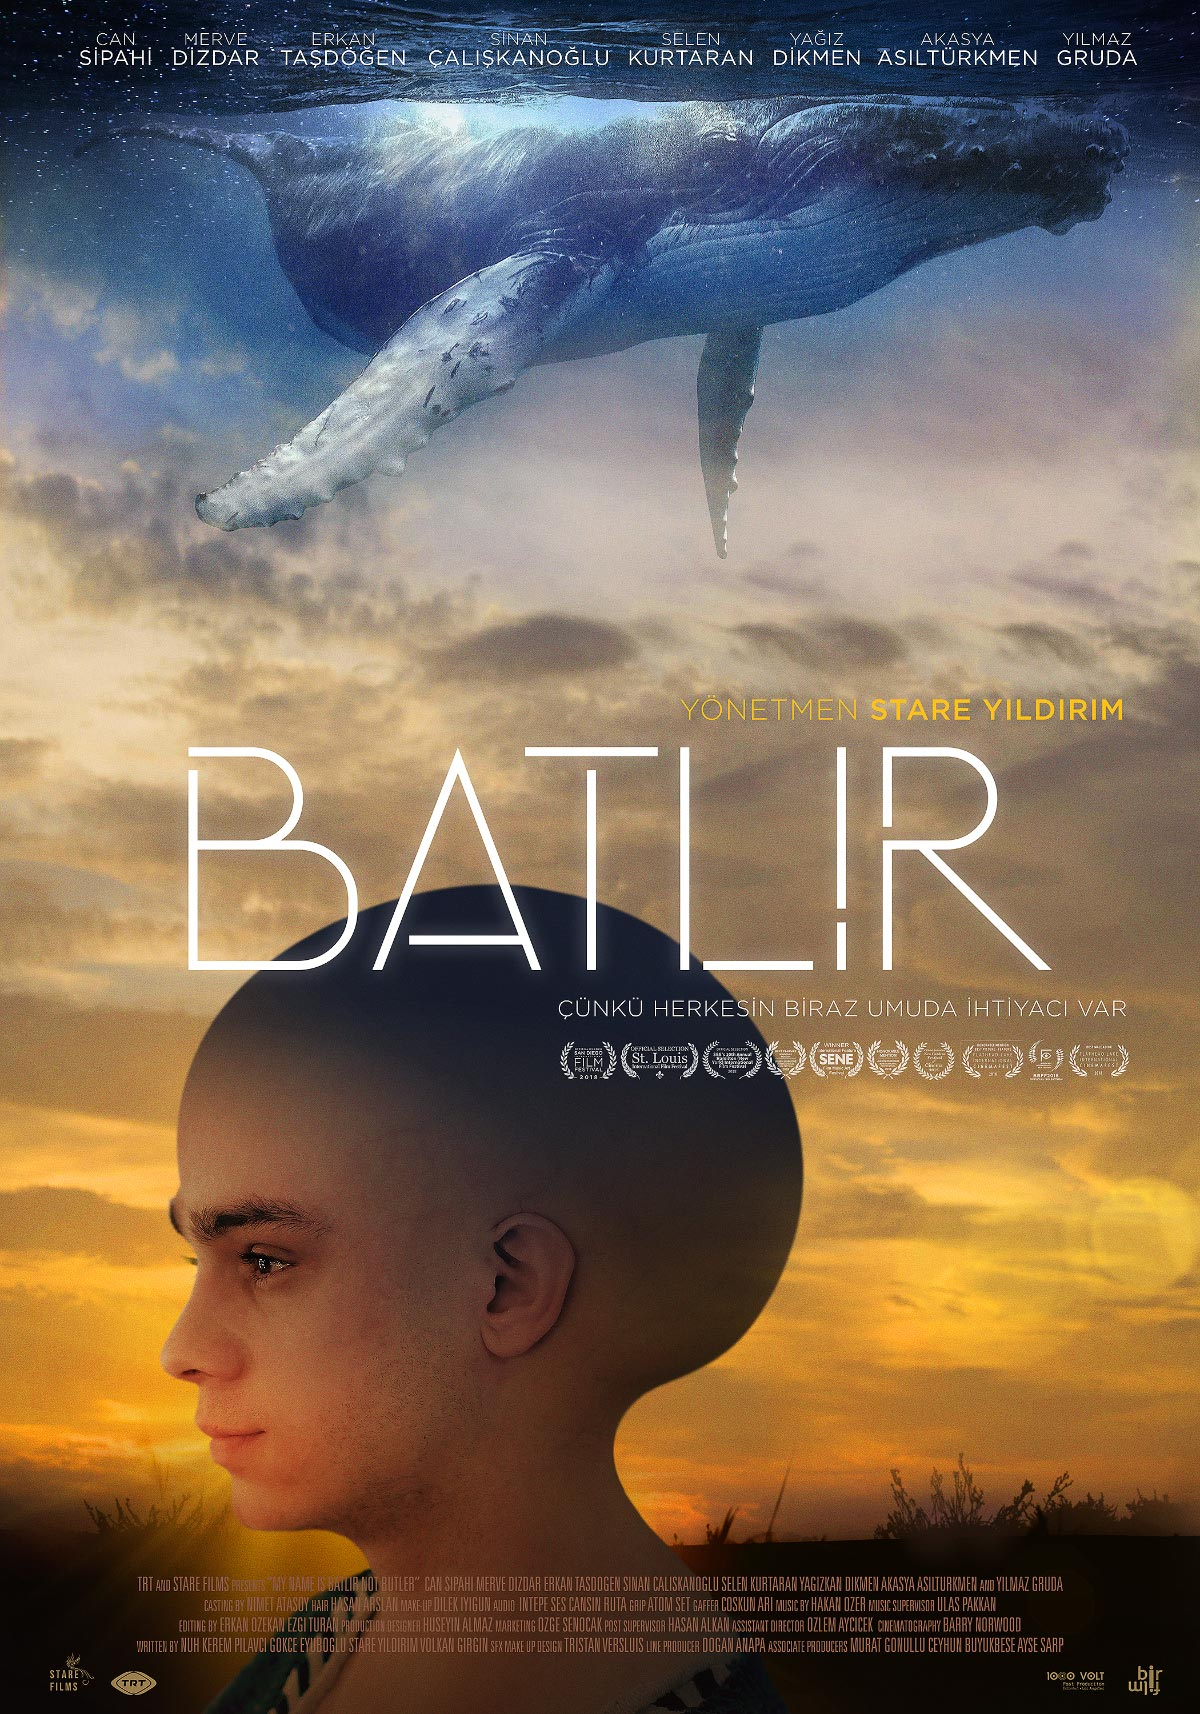 batlir-02